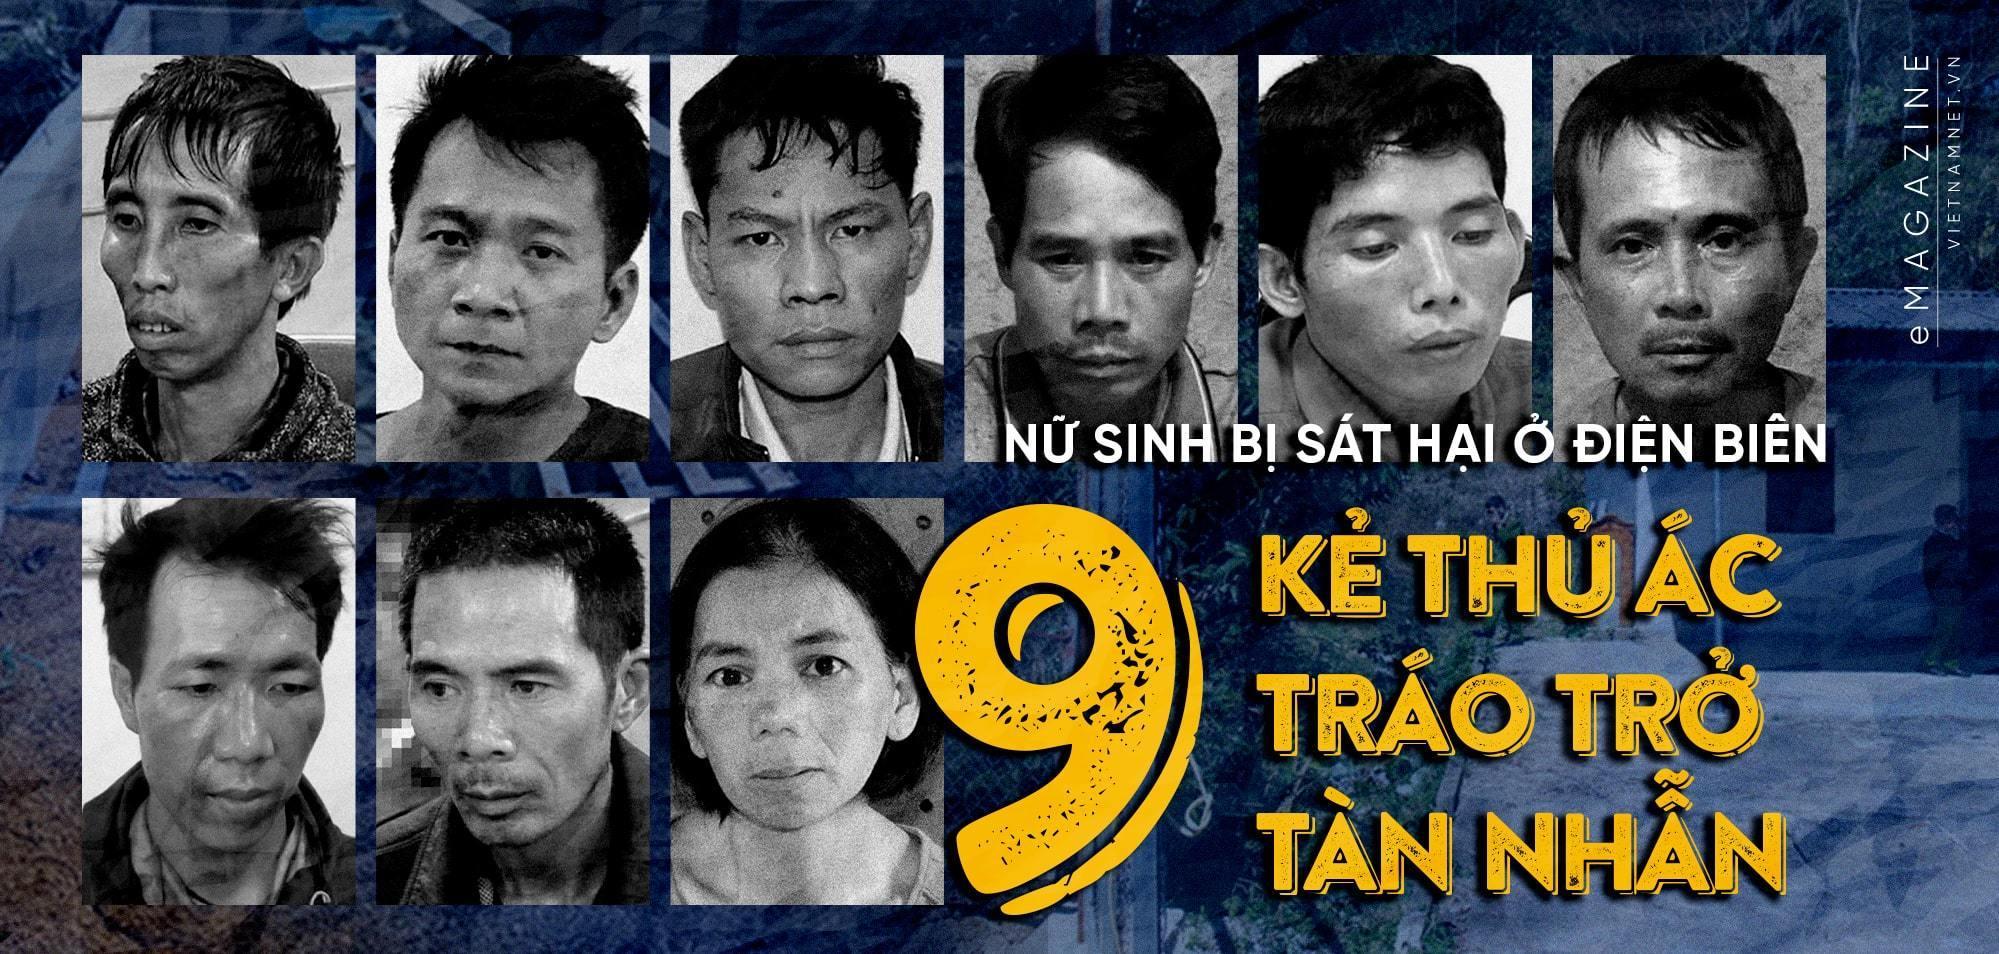 Đang xử 9 bị can vụ nữ sinh giao gà bị sát hại ở Điện Biên